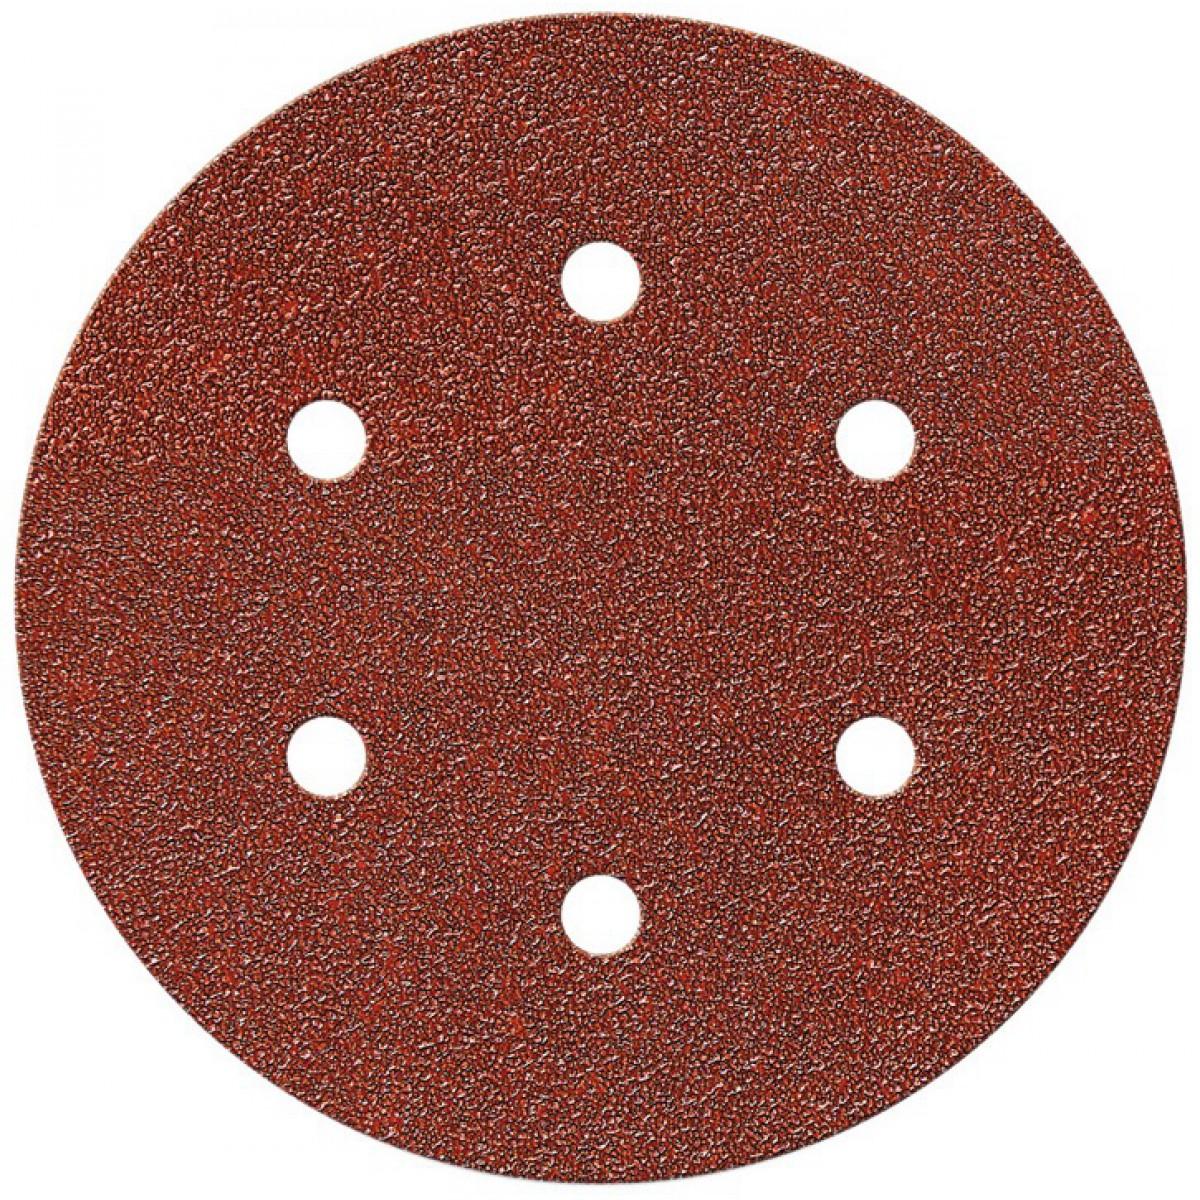 Disque auto-agrippant SCID - 6 trous - Grain 120 - Diamètre 150 mm - Vendu par 5